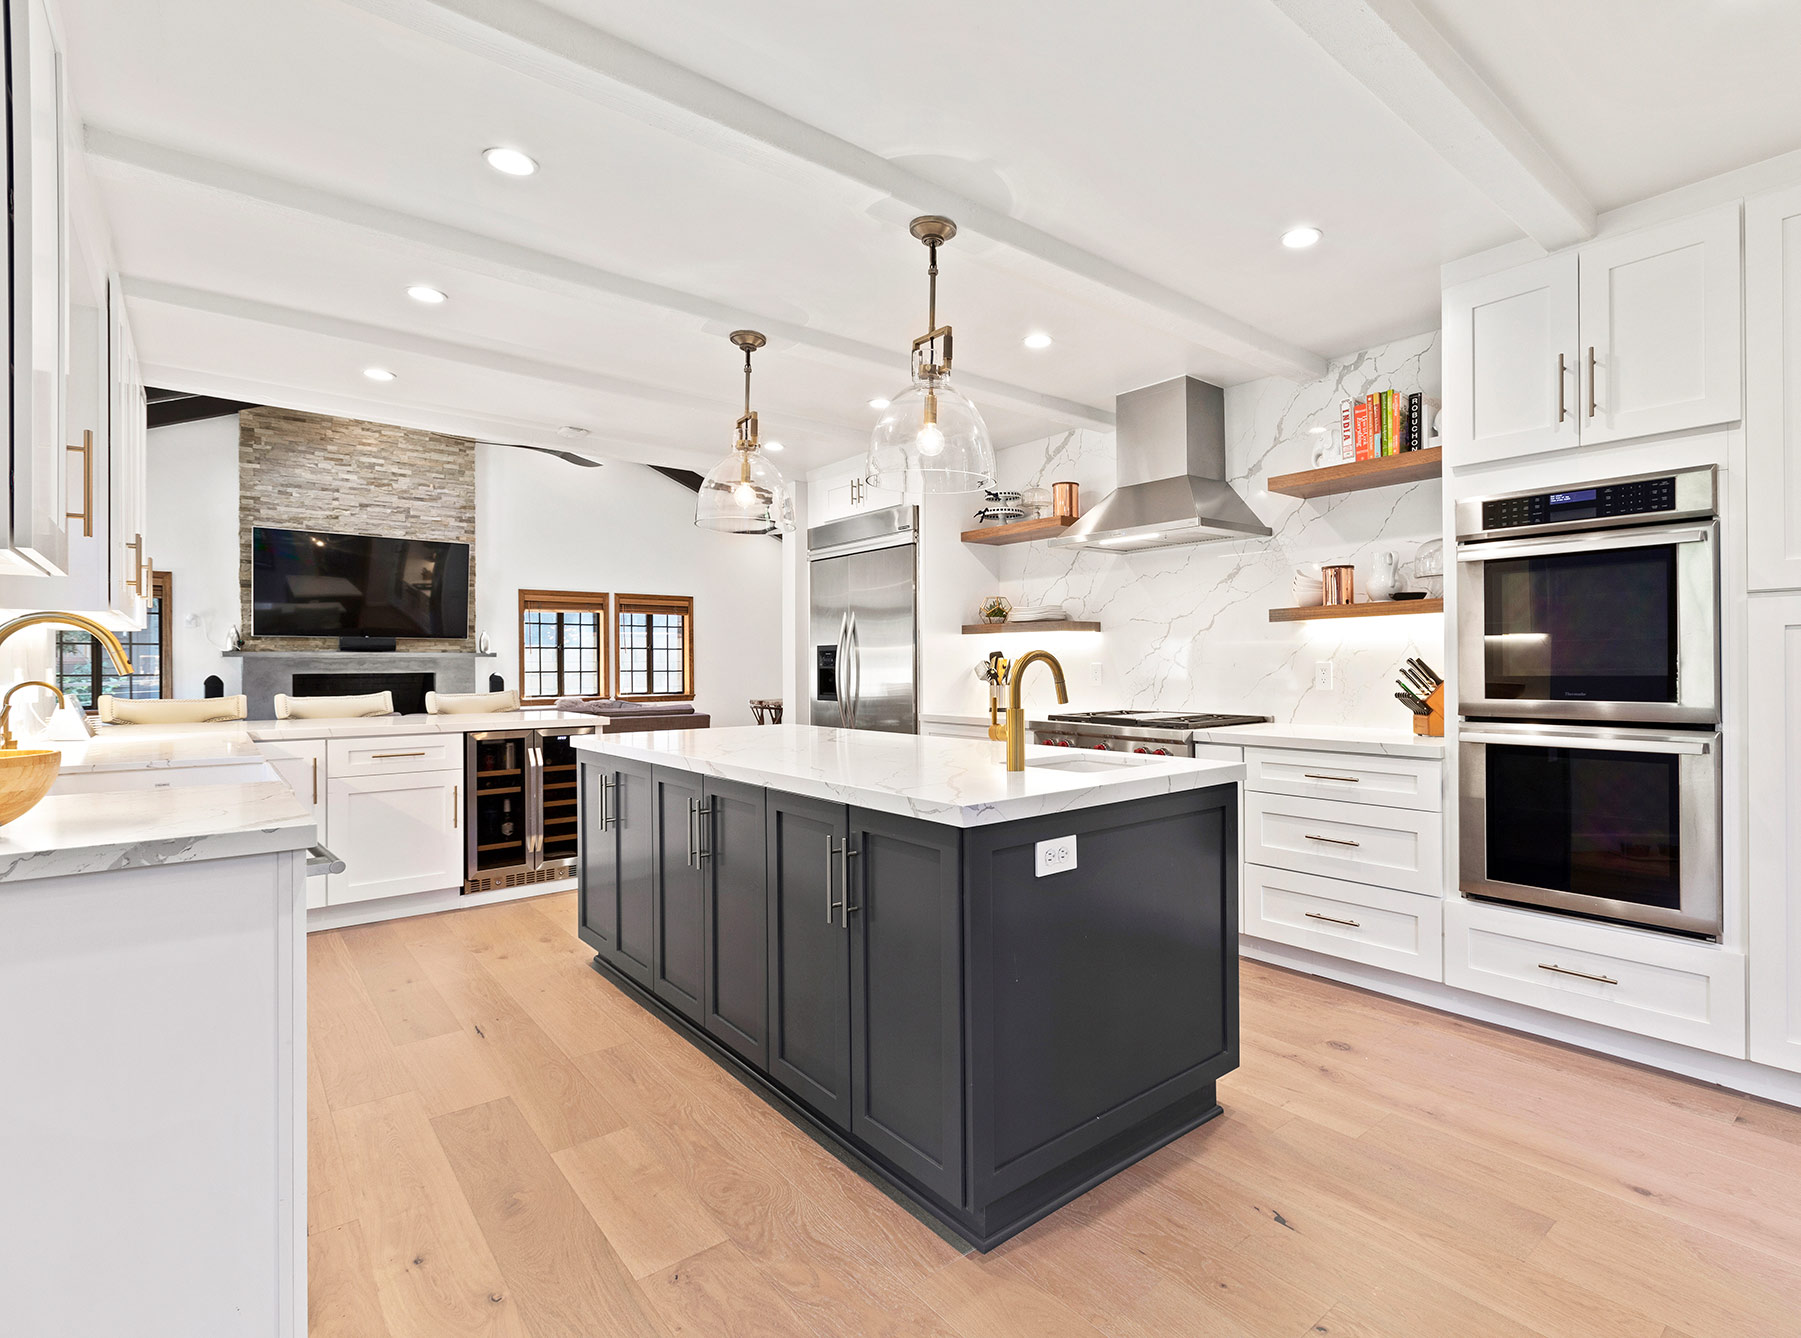 La Canada complete remodel kitchen 6 SMALL.jpg